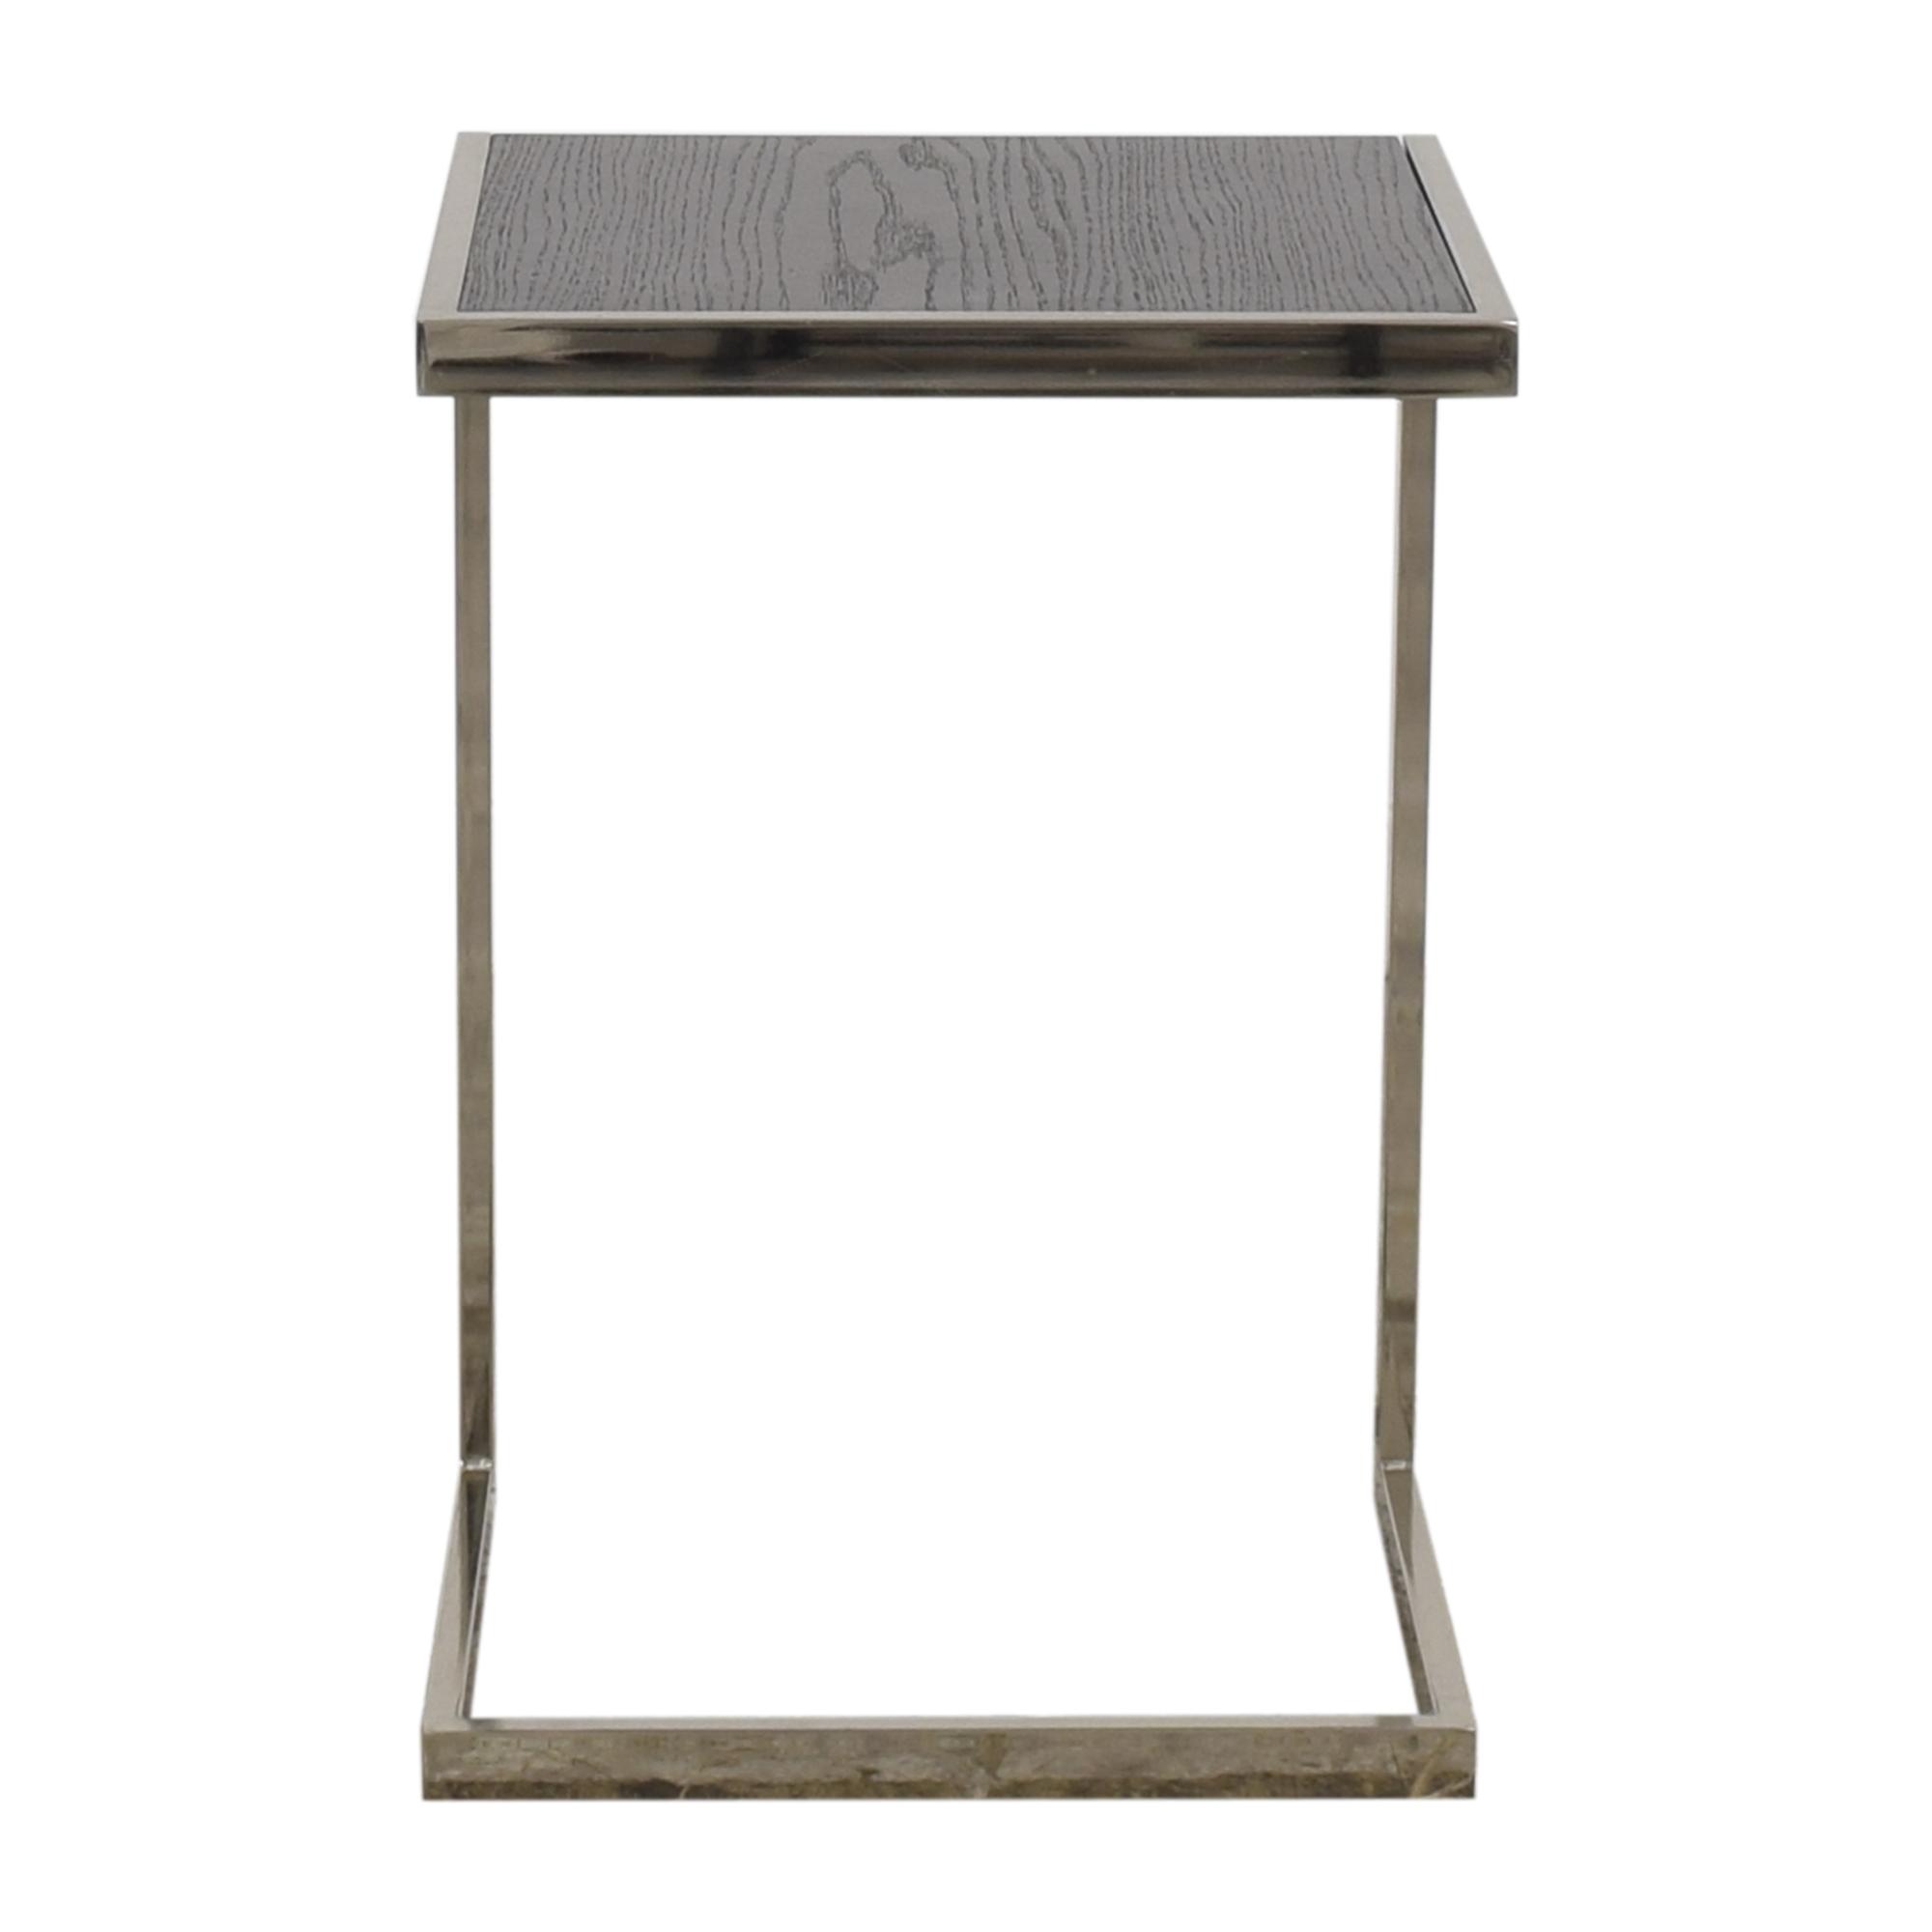 West Elm Framed Side Table / Tables